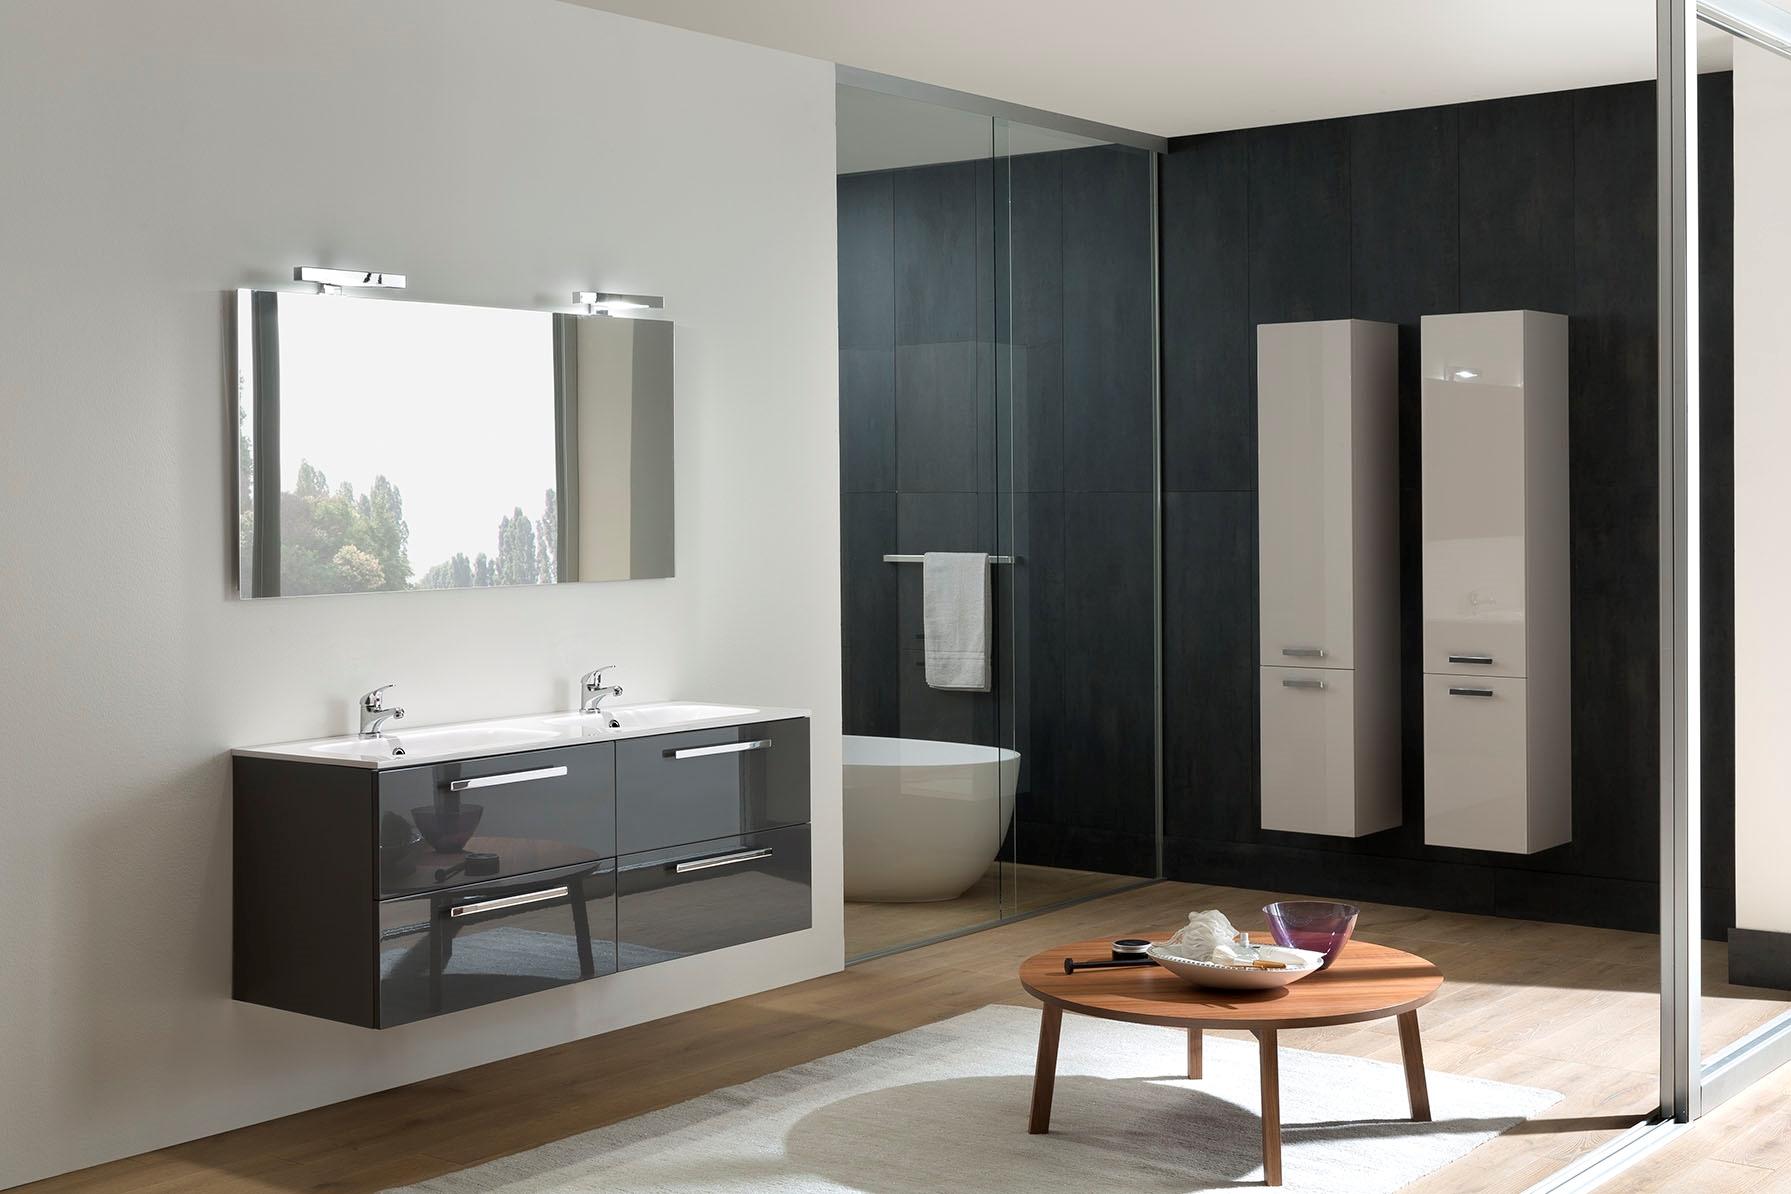 Specchio camera da letto - Bagno doppio lavandino ...